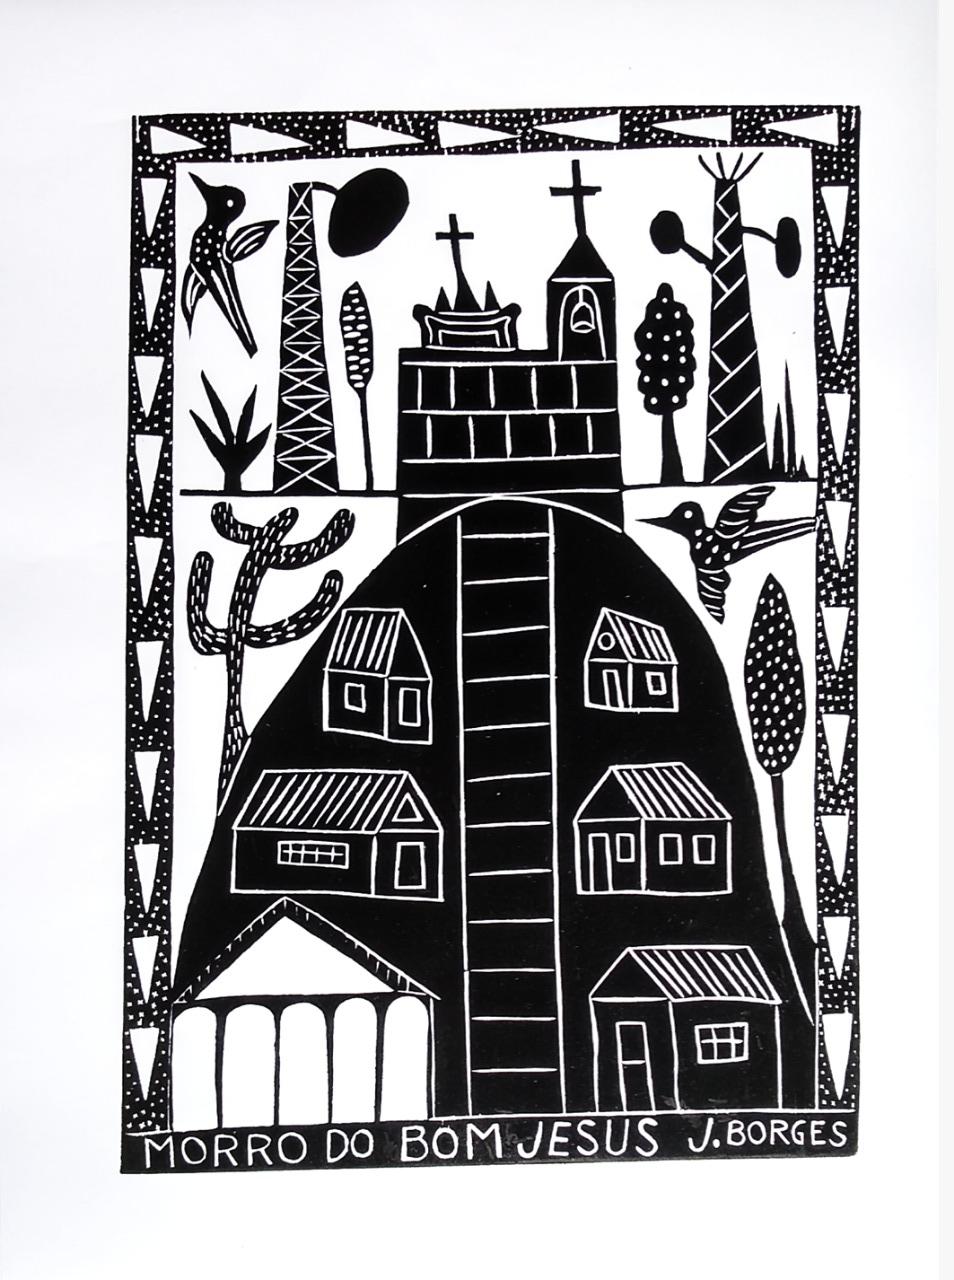 O Morro do Bom Jesus também também será destaque no trabalho de J.Borges para o São João de Caruaru. Crédito J.Borges/Divulgação Prefeitura de Caruaru